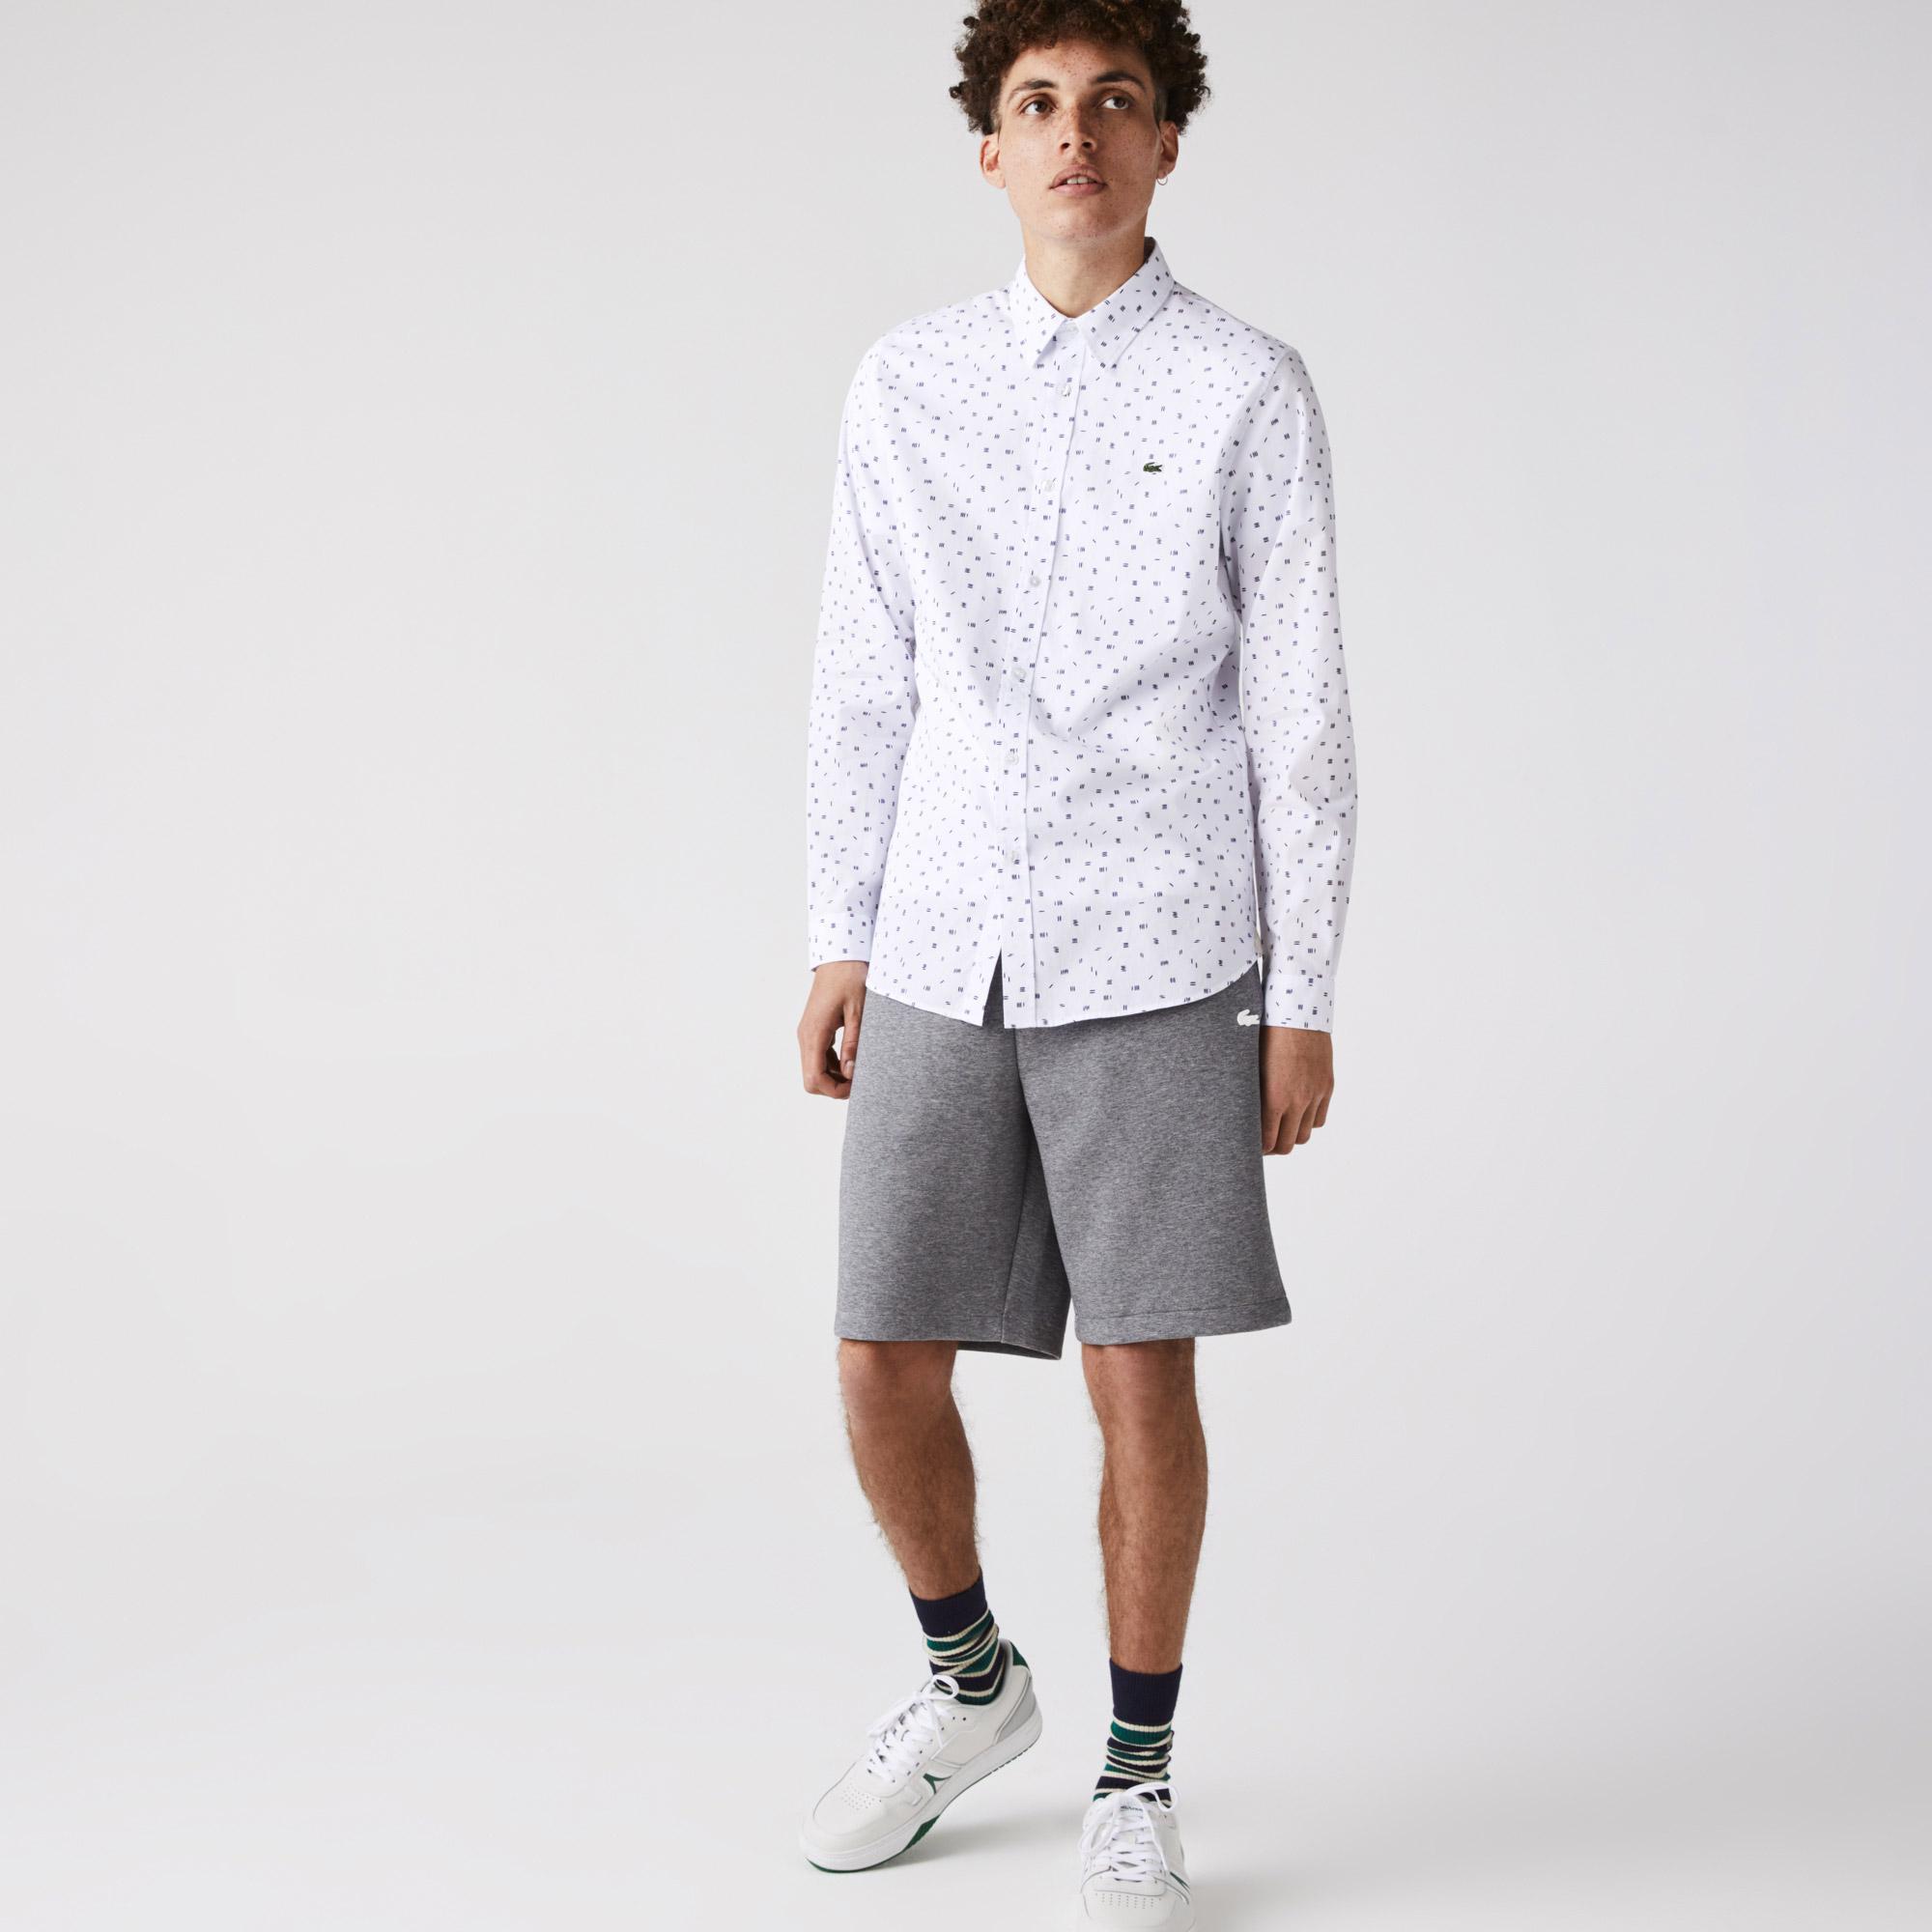 Lacoste Erkek Slim Fit Uzun Kollu Desenli Beyaz Gömlek